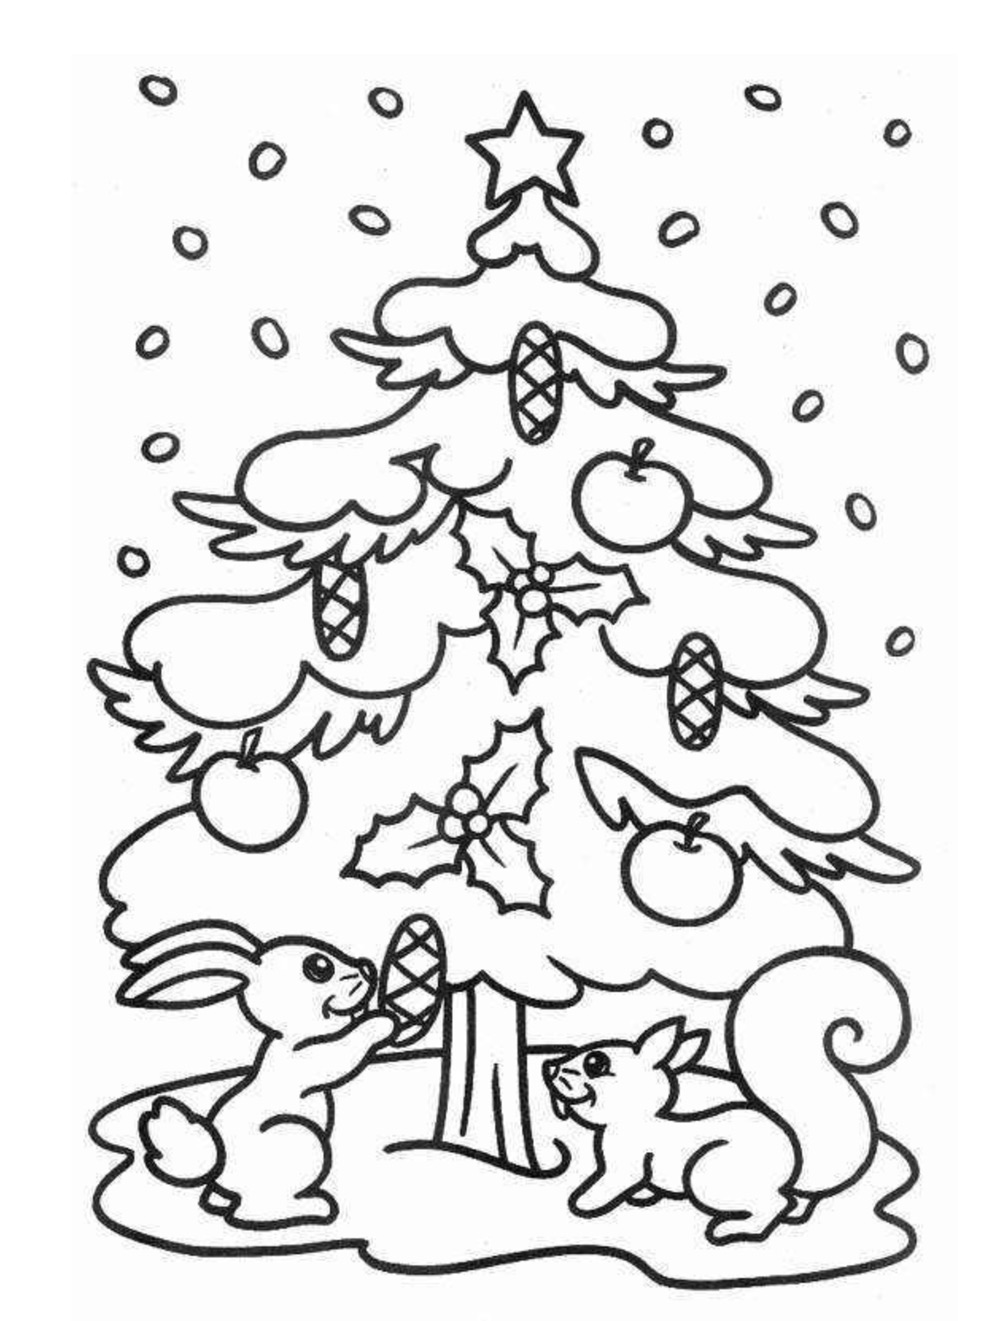 Dibujos Navideños Para Colorear E Imprimir Gratis